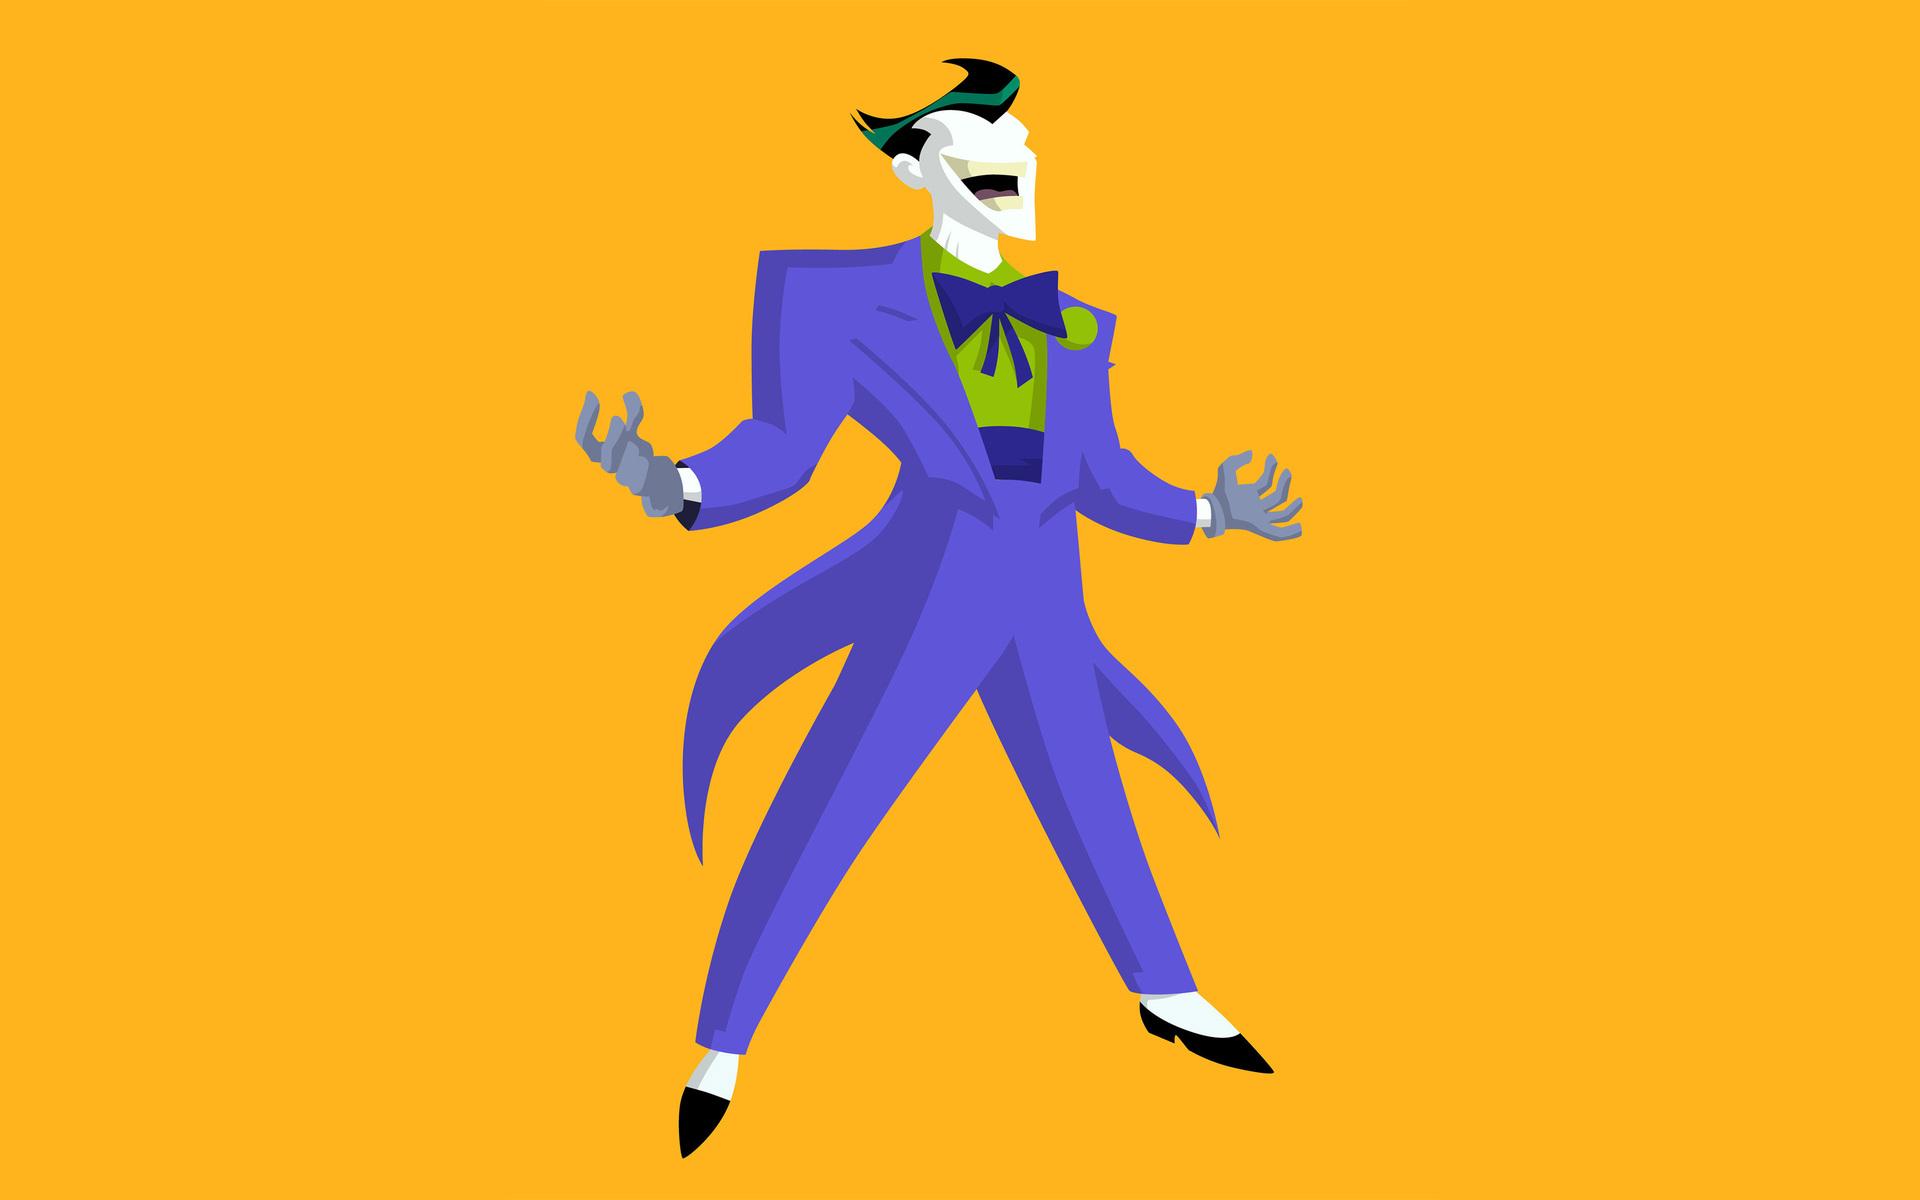 joker-vector-style-bk.jpg